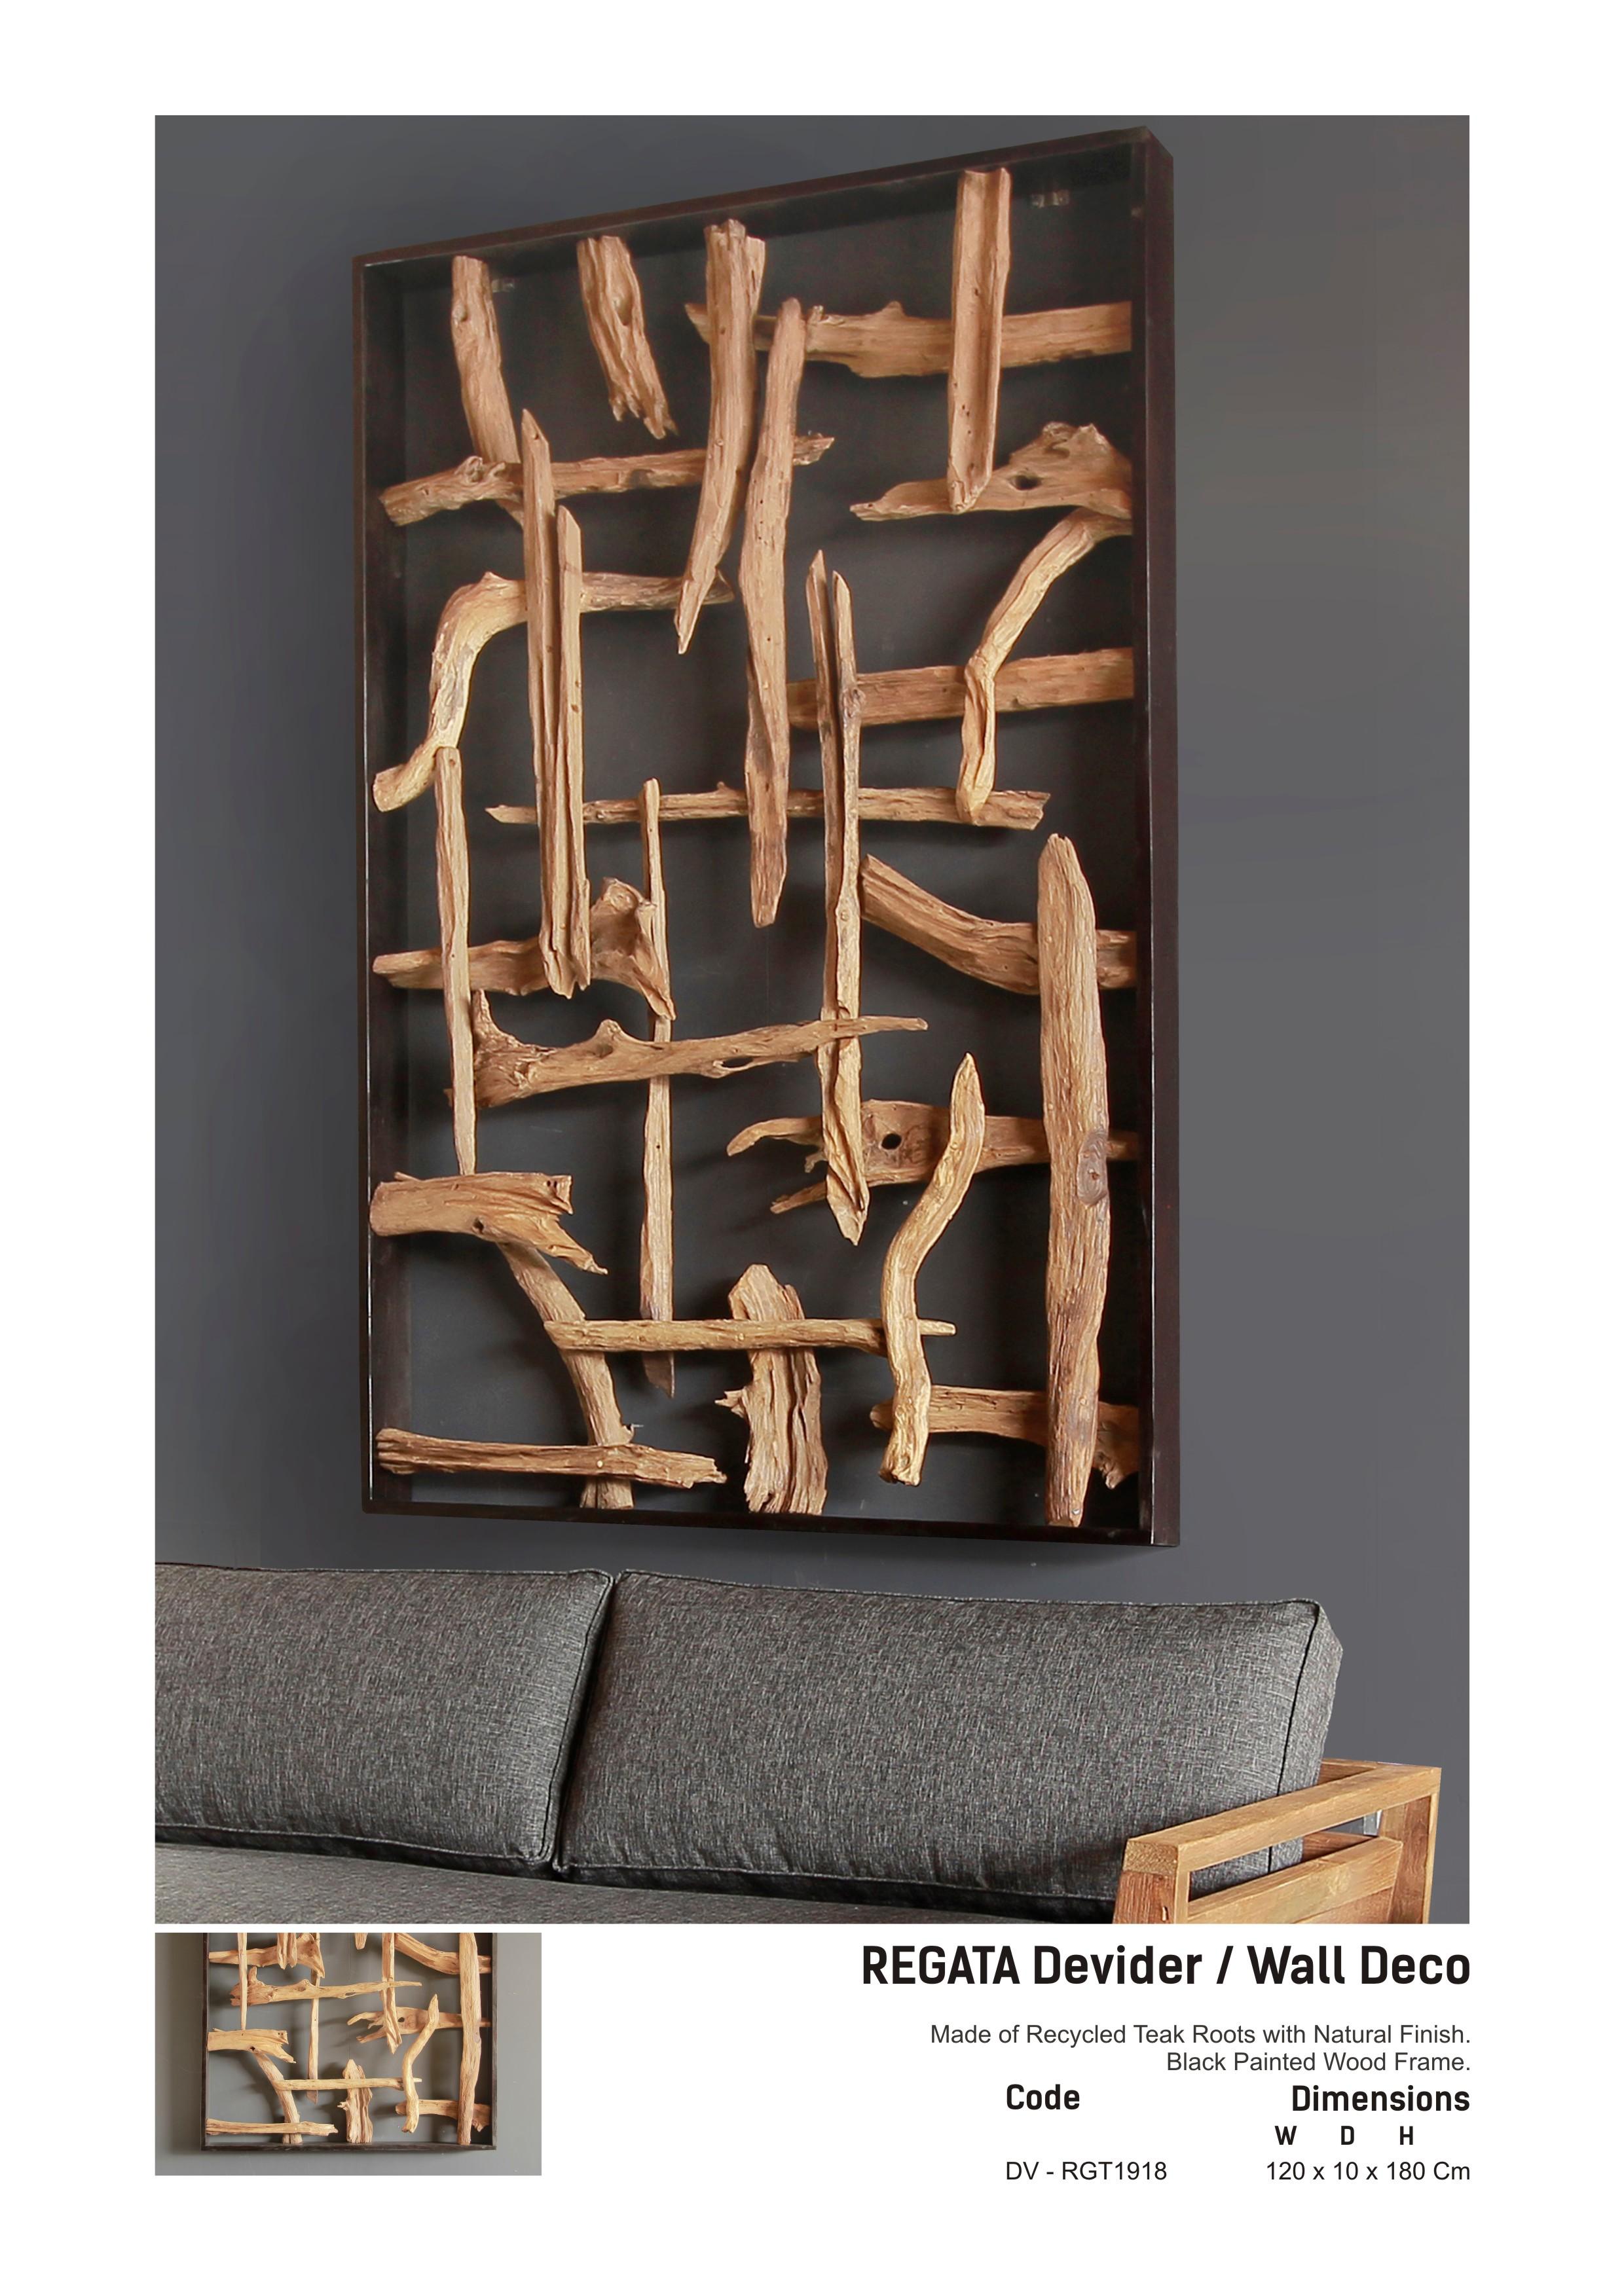 19. REGATA Devider or Wall Deco